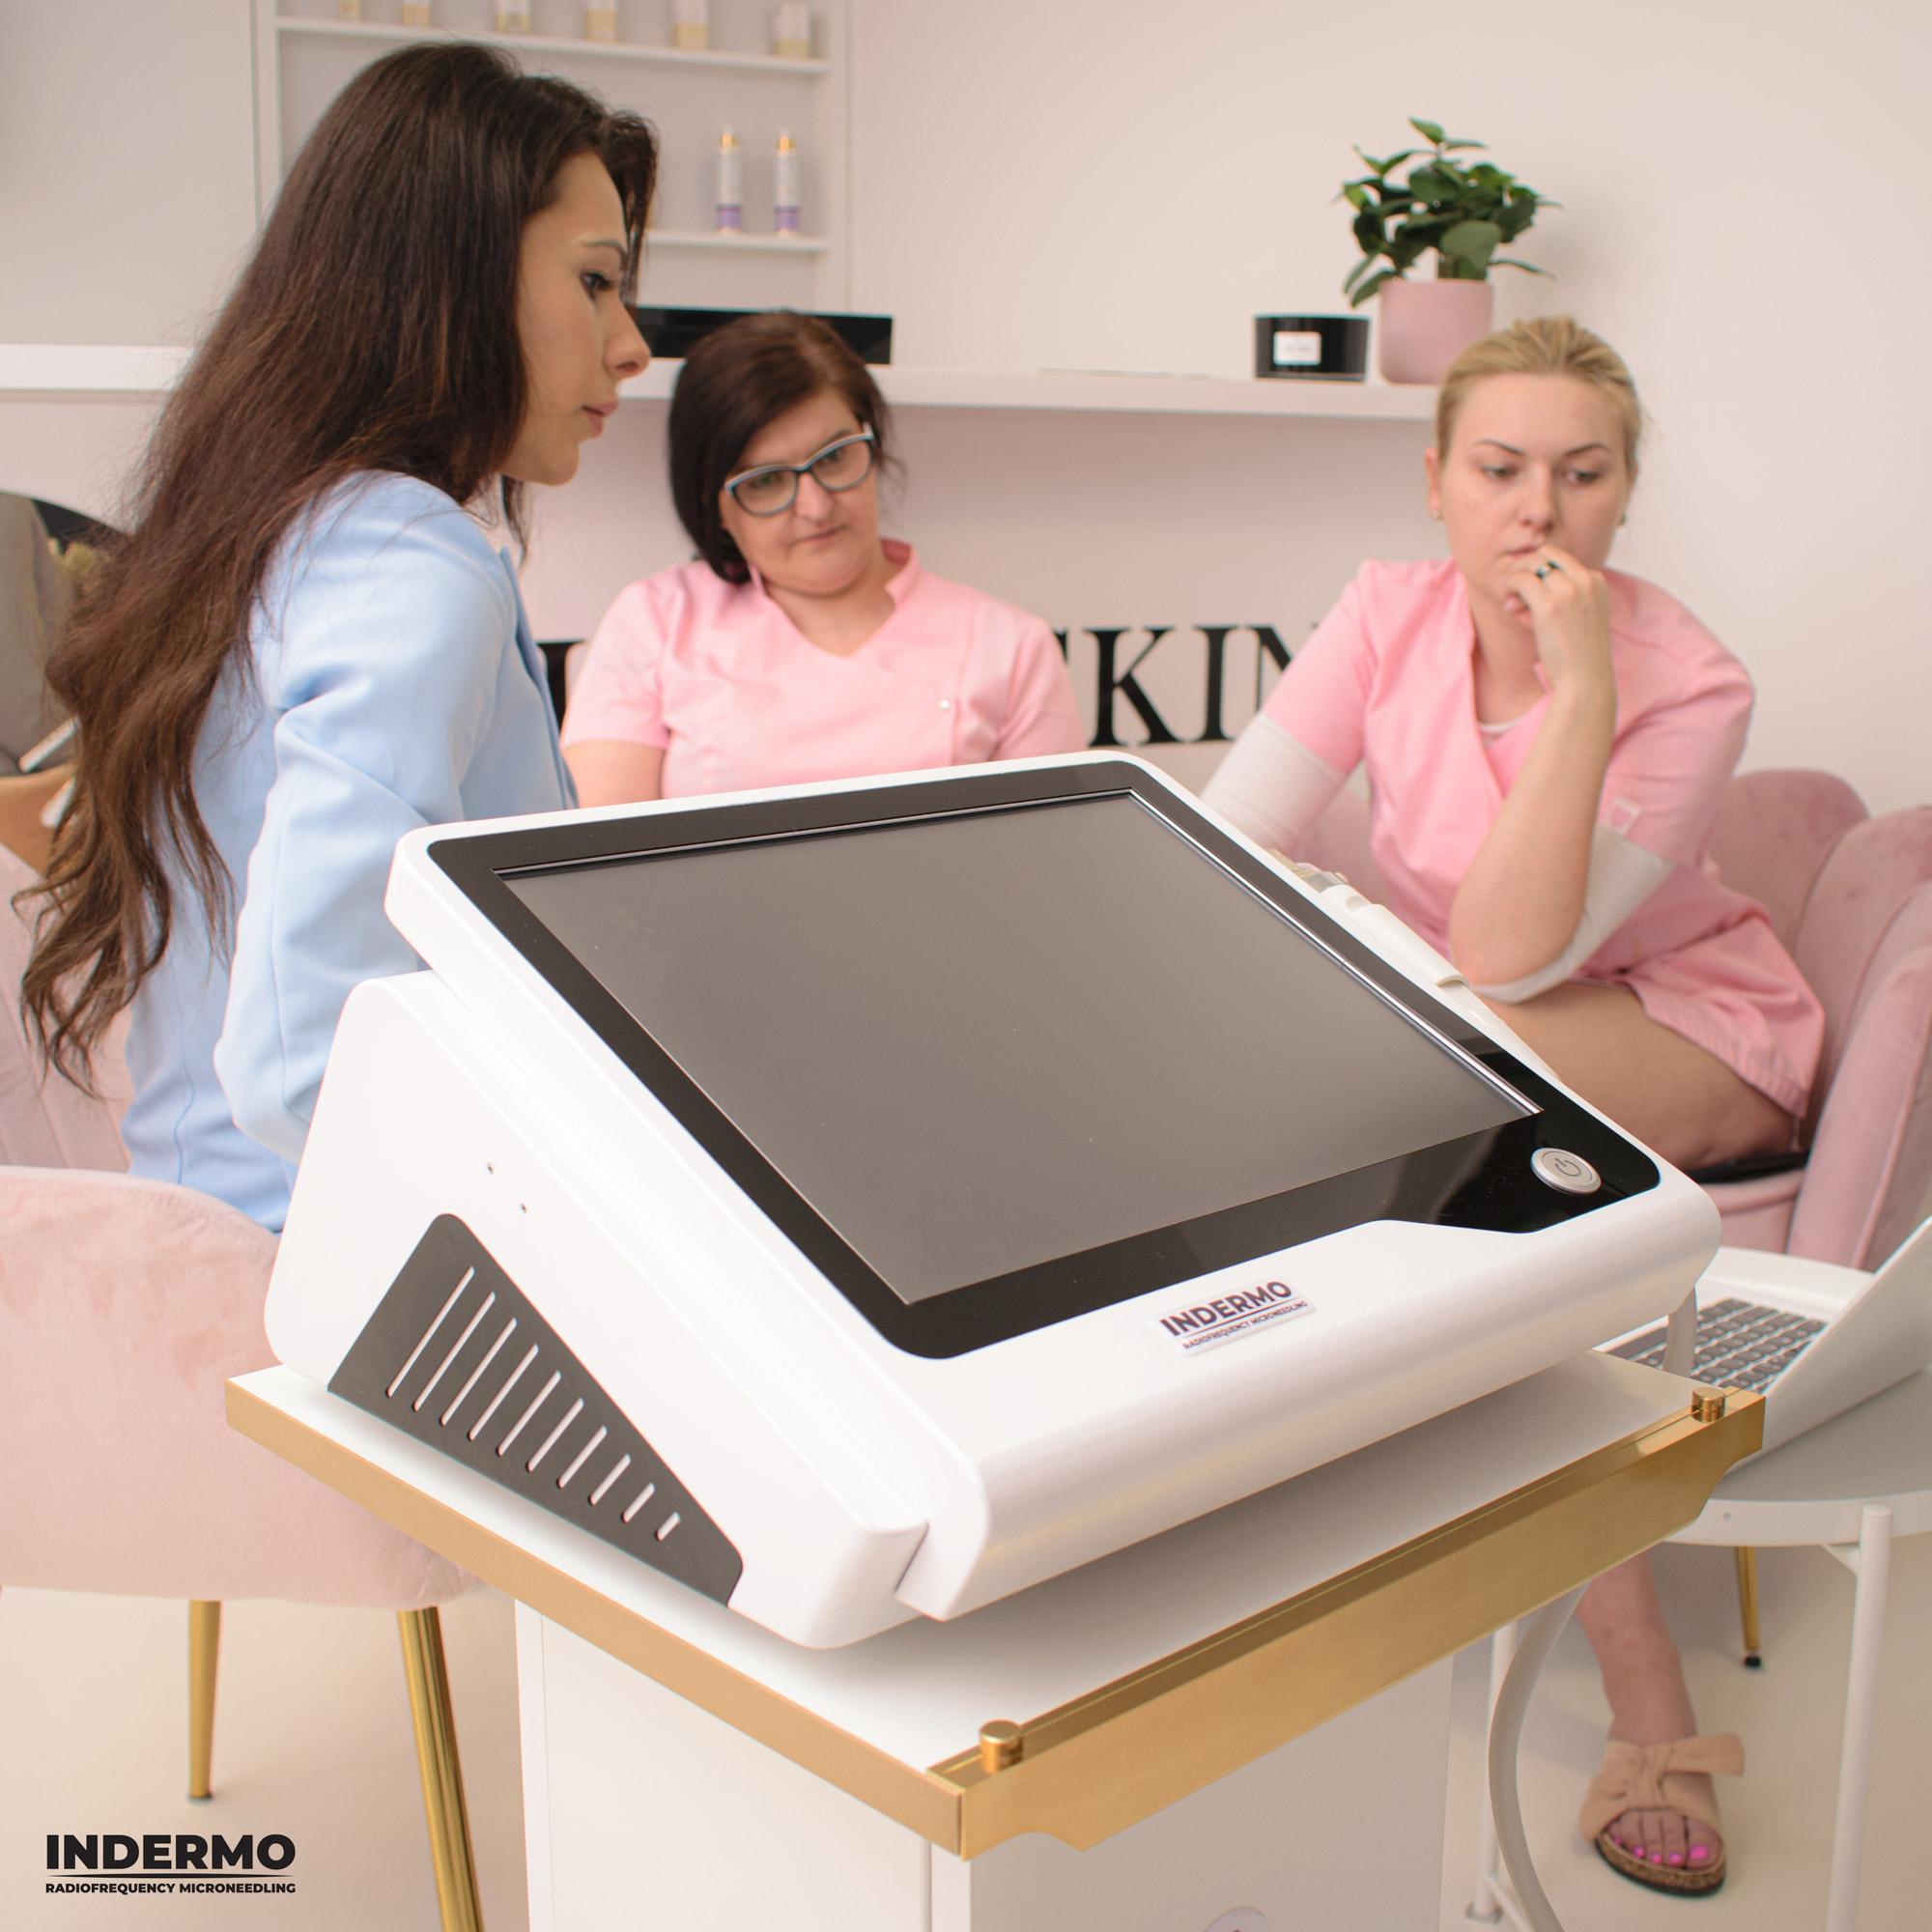 W trakcie nauki teorytycznej nasz kosmetolog stara się wyjaśnić pełny proces radiofrekwencji mikroigłowej